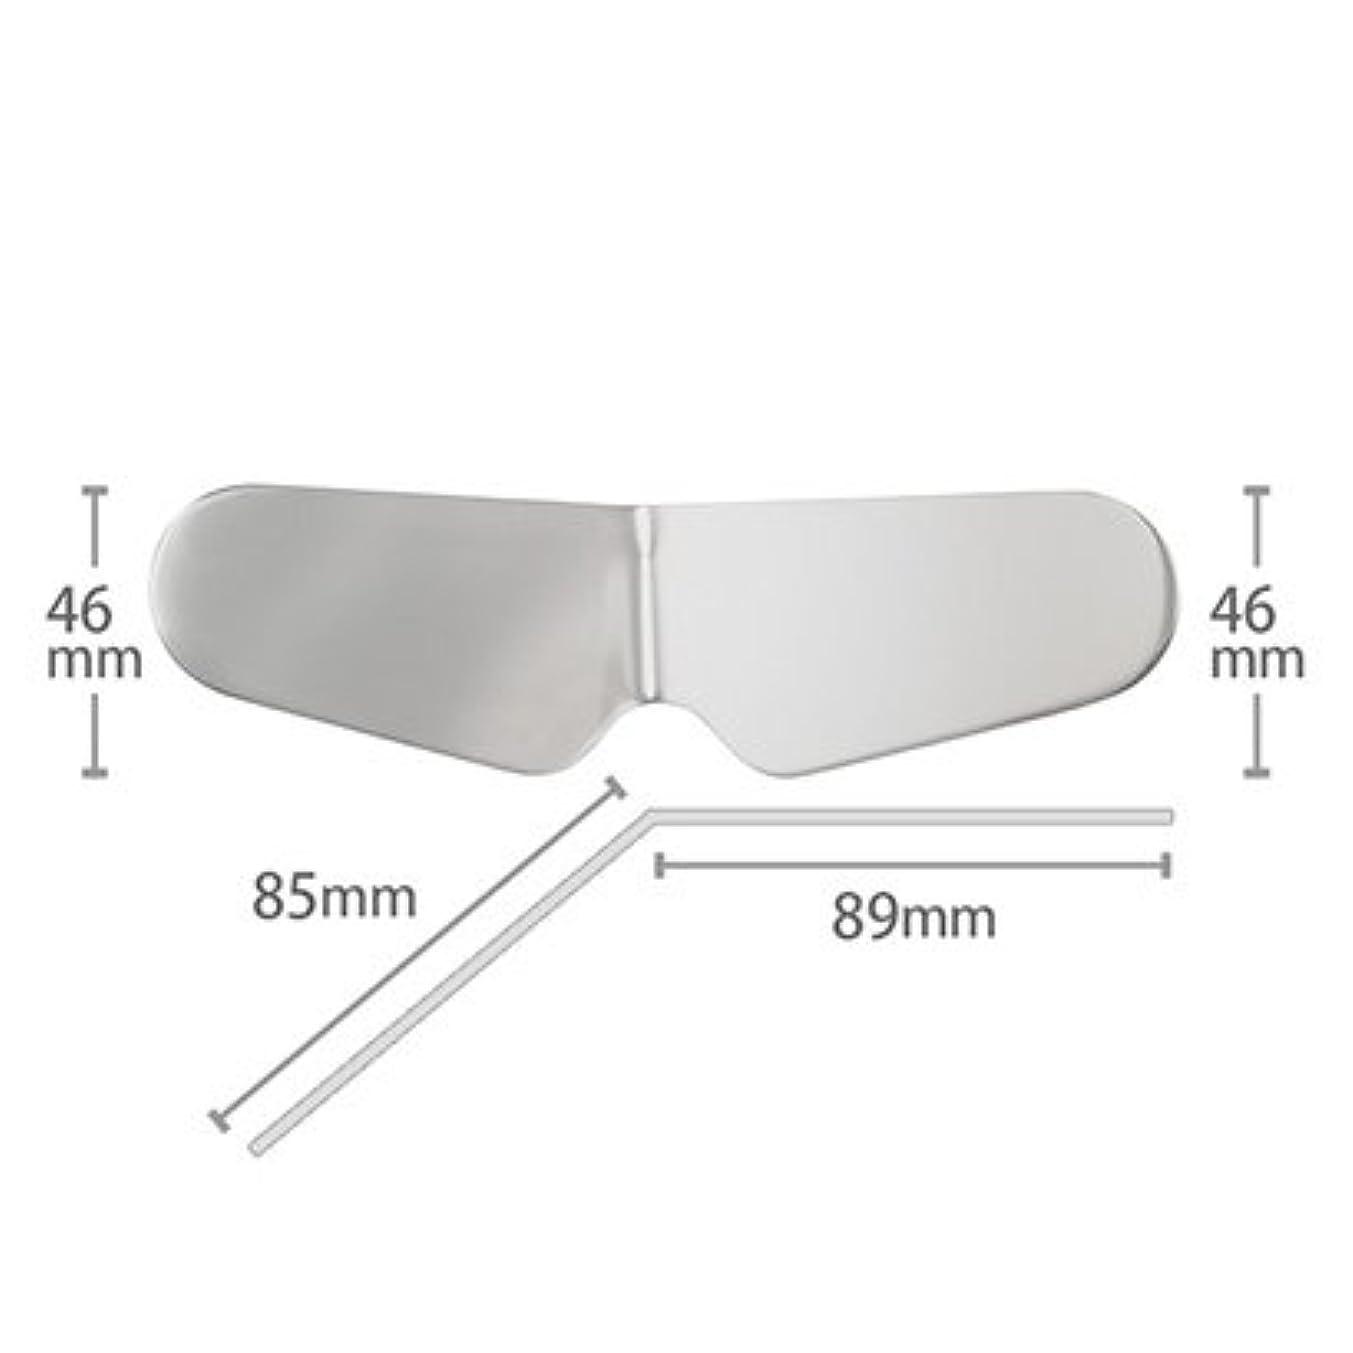 ミケランジェロ苦しめるヘルパーFEED(フィード) BND 撮影用ステンレスミラーBND 頬側面用 口腔内撮影用ミラー 入数 1枚 角度 140度